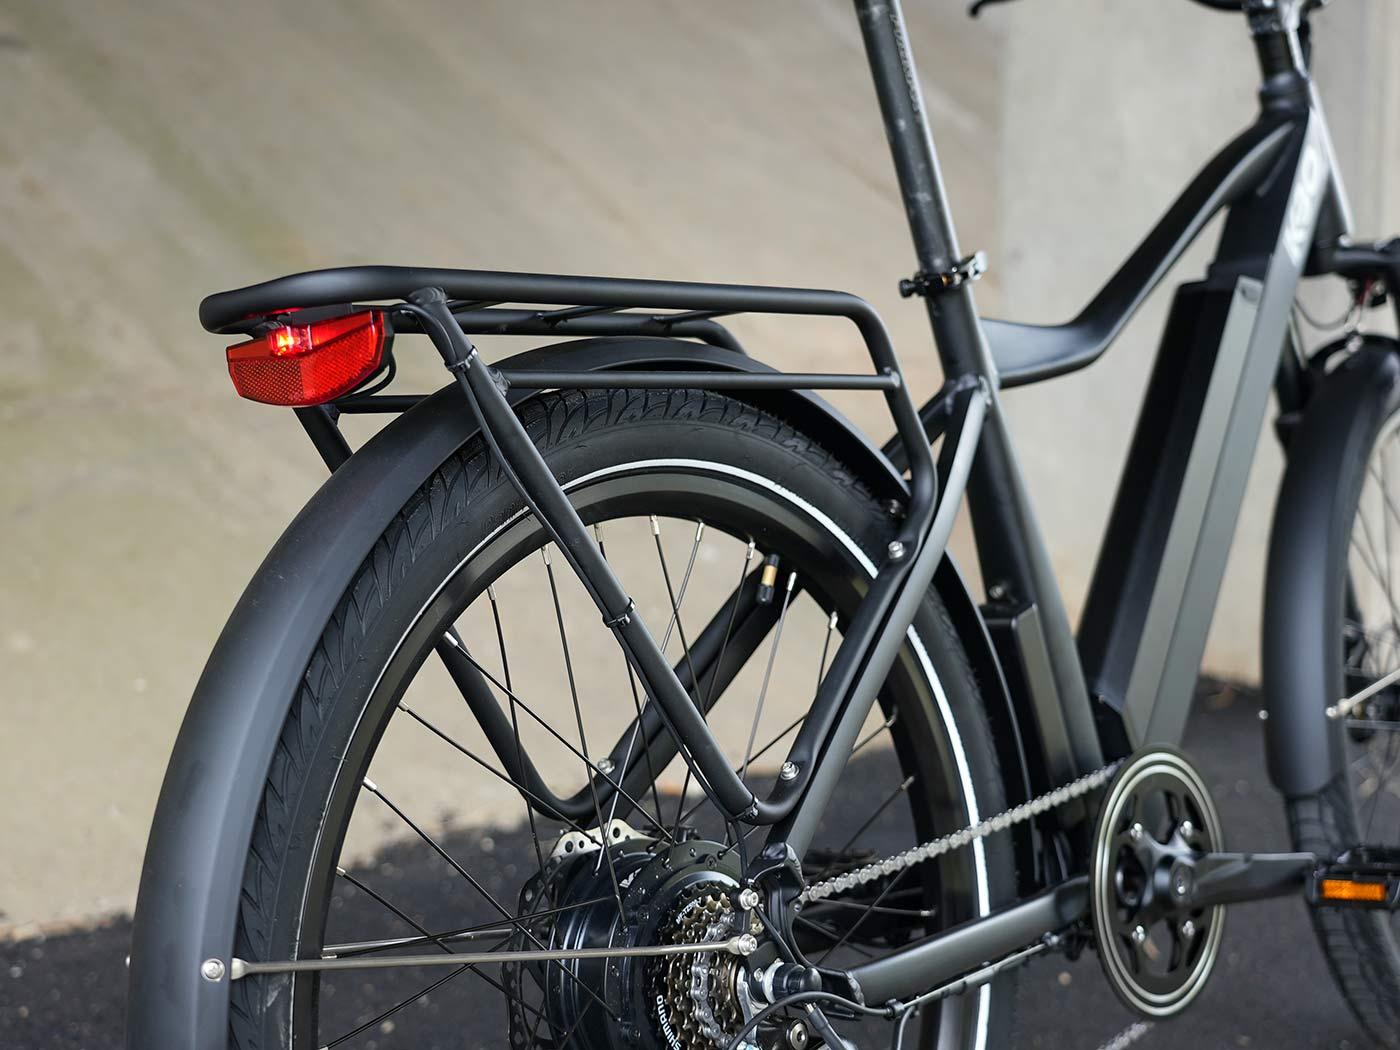 kbo breeze commuter e-bike rear rack